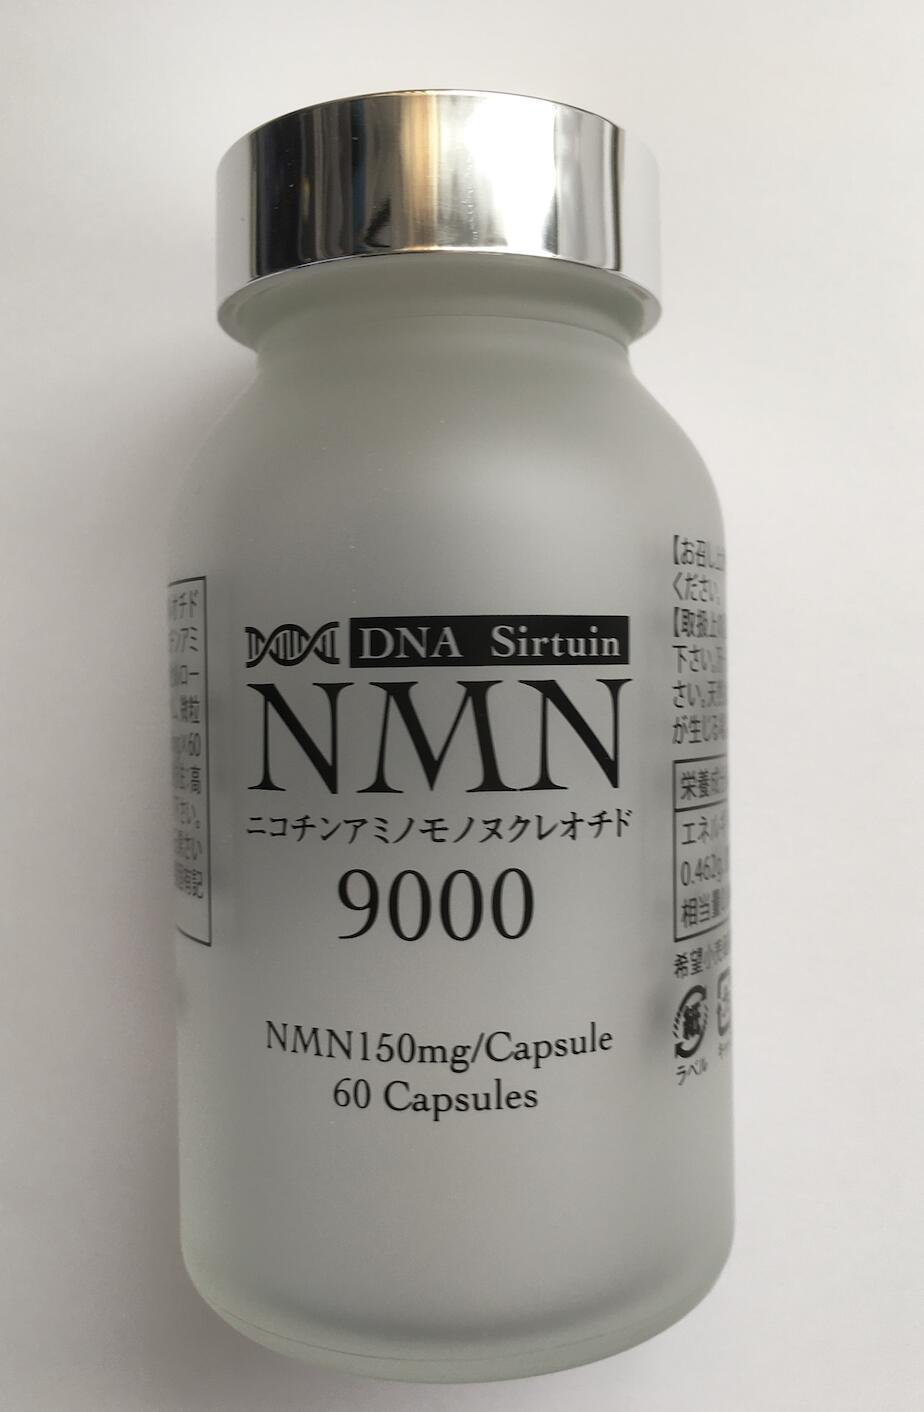 アミド モノ ヌクレオチド ニコチン